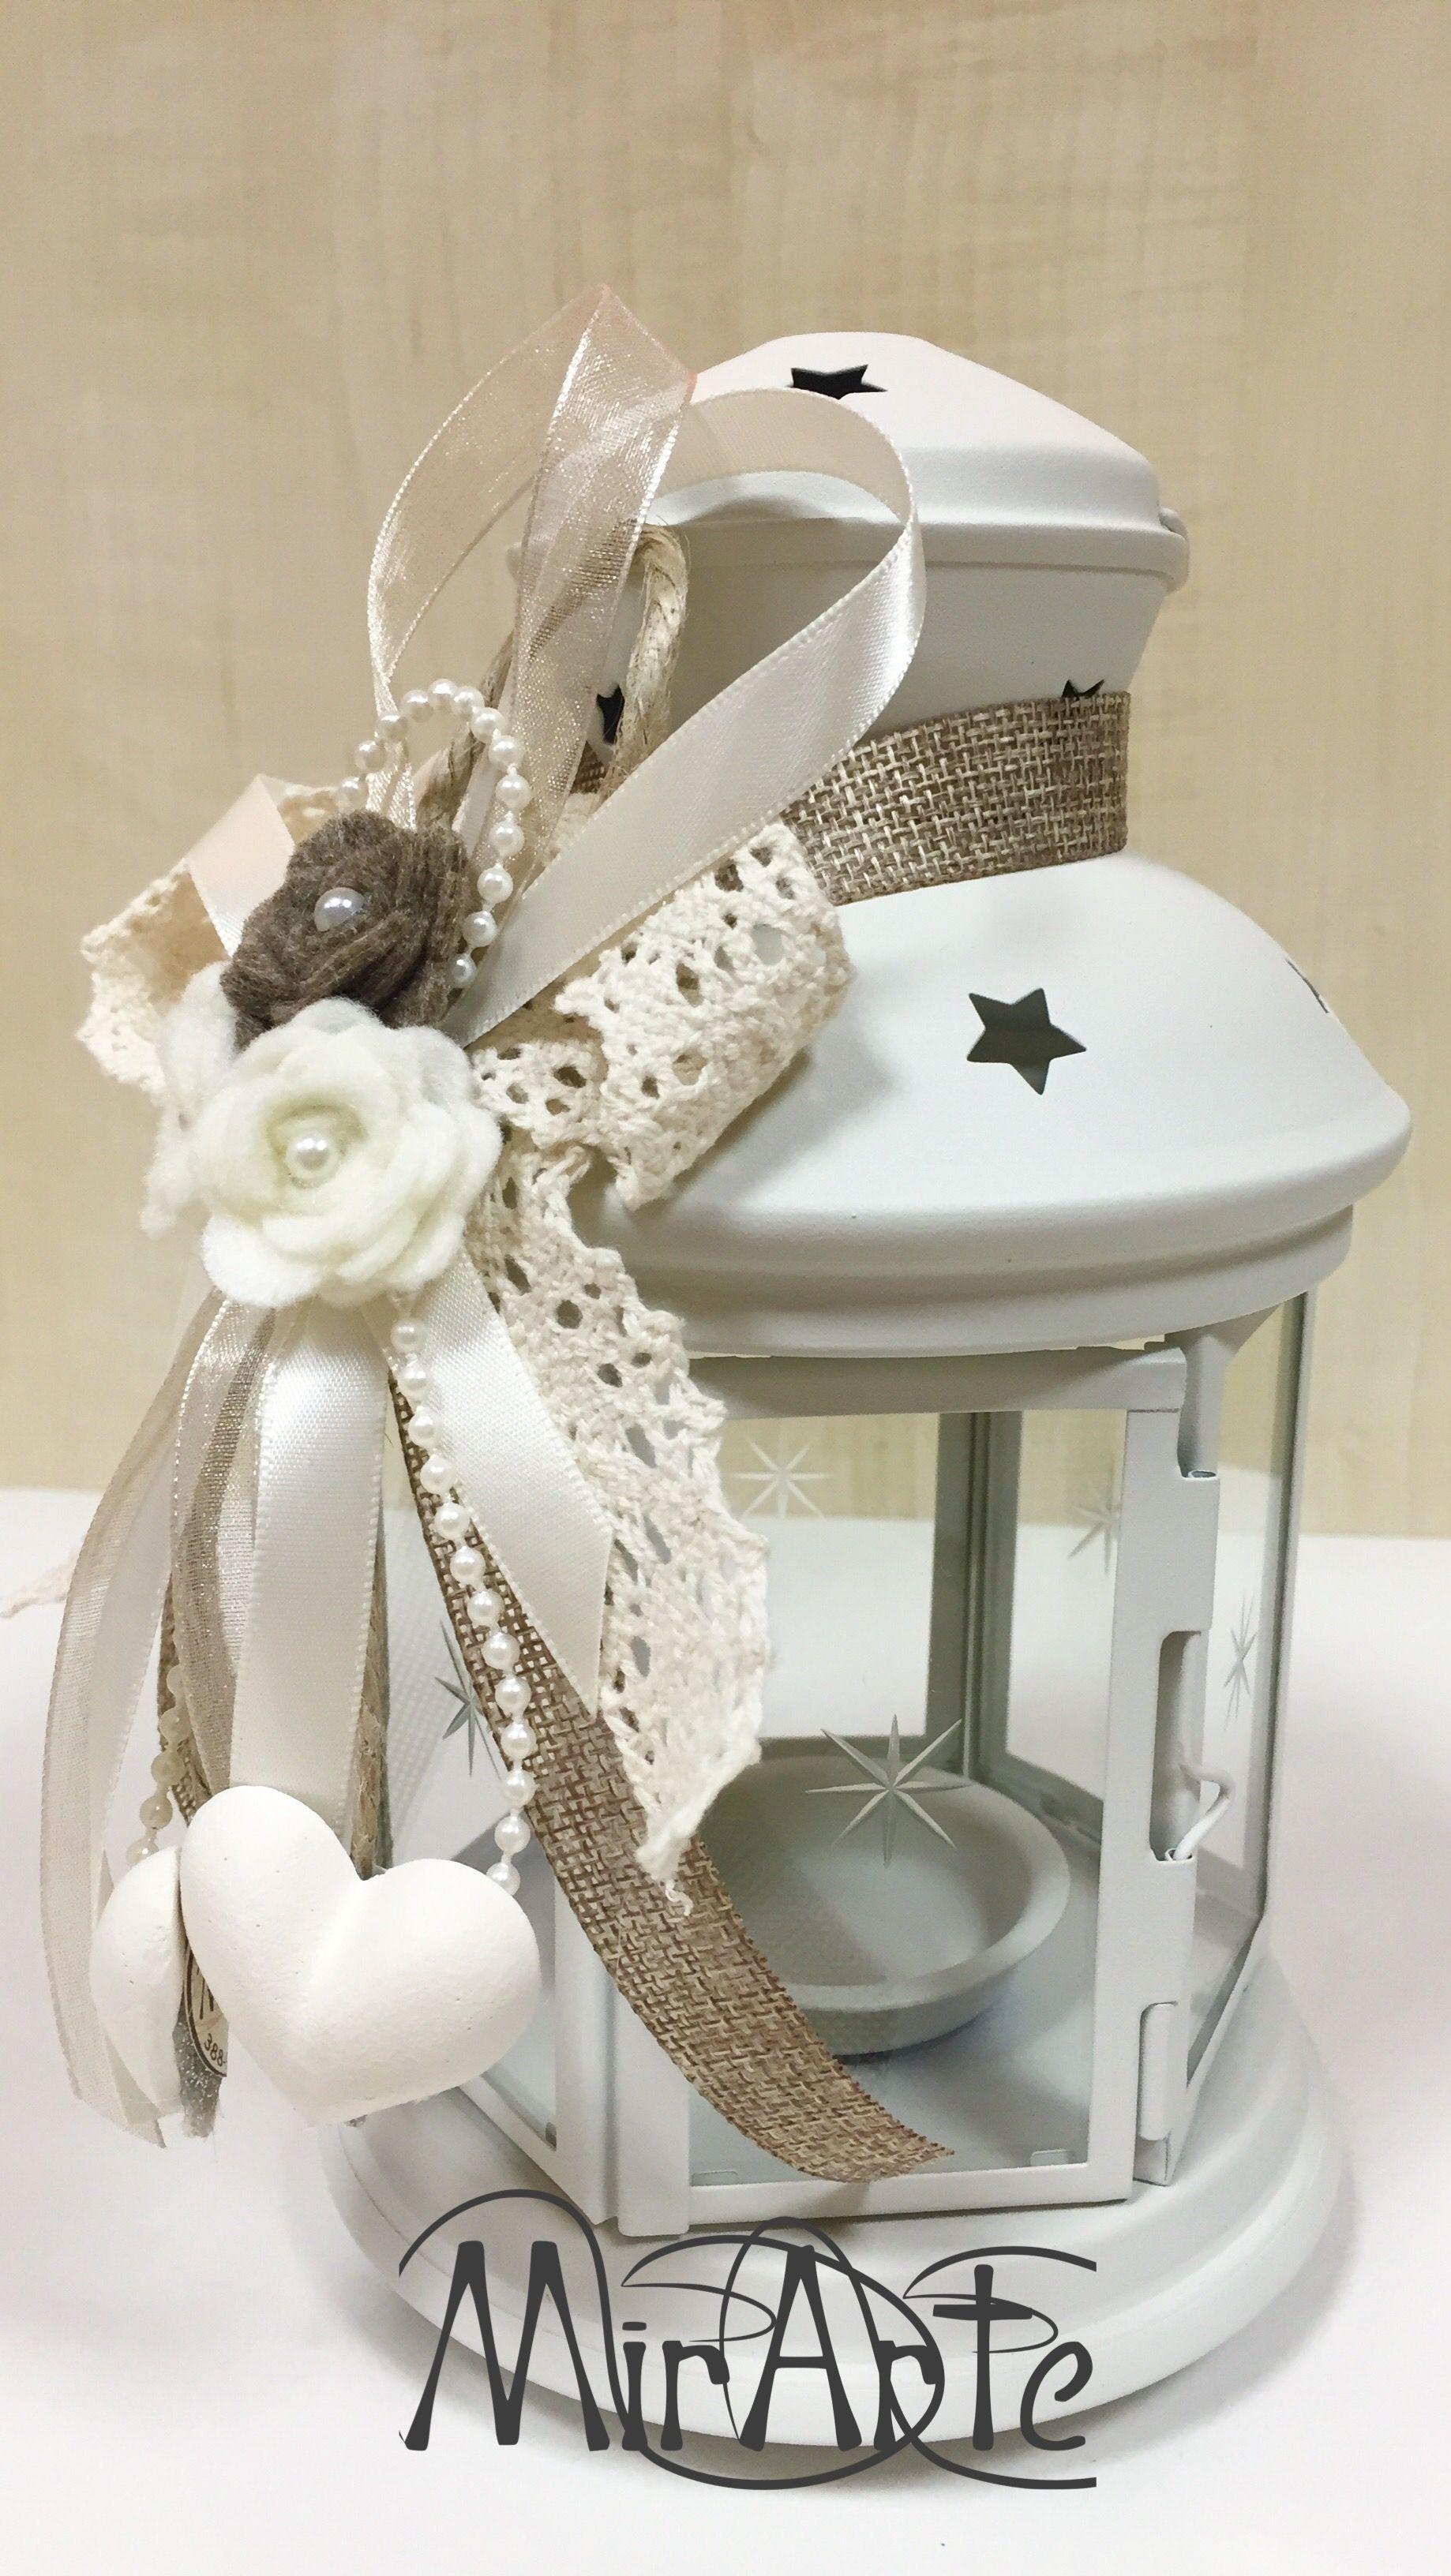 lanterne ikea adornate in stile shabby chic fiori feltro e. Black Bedroom Furniture Sets. Home Design Ideas